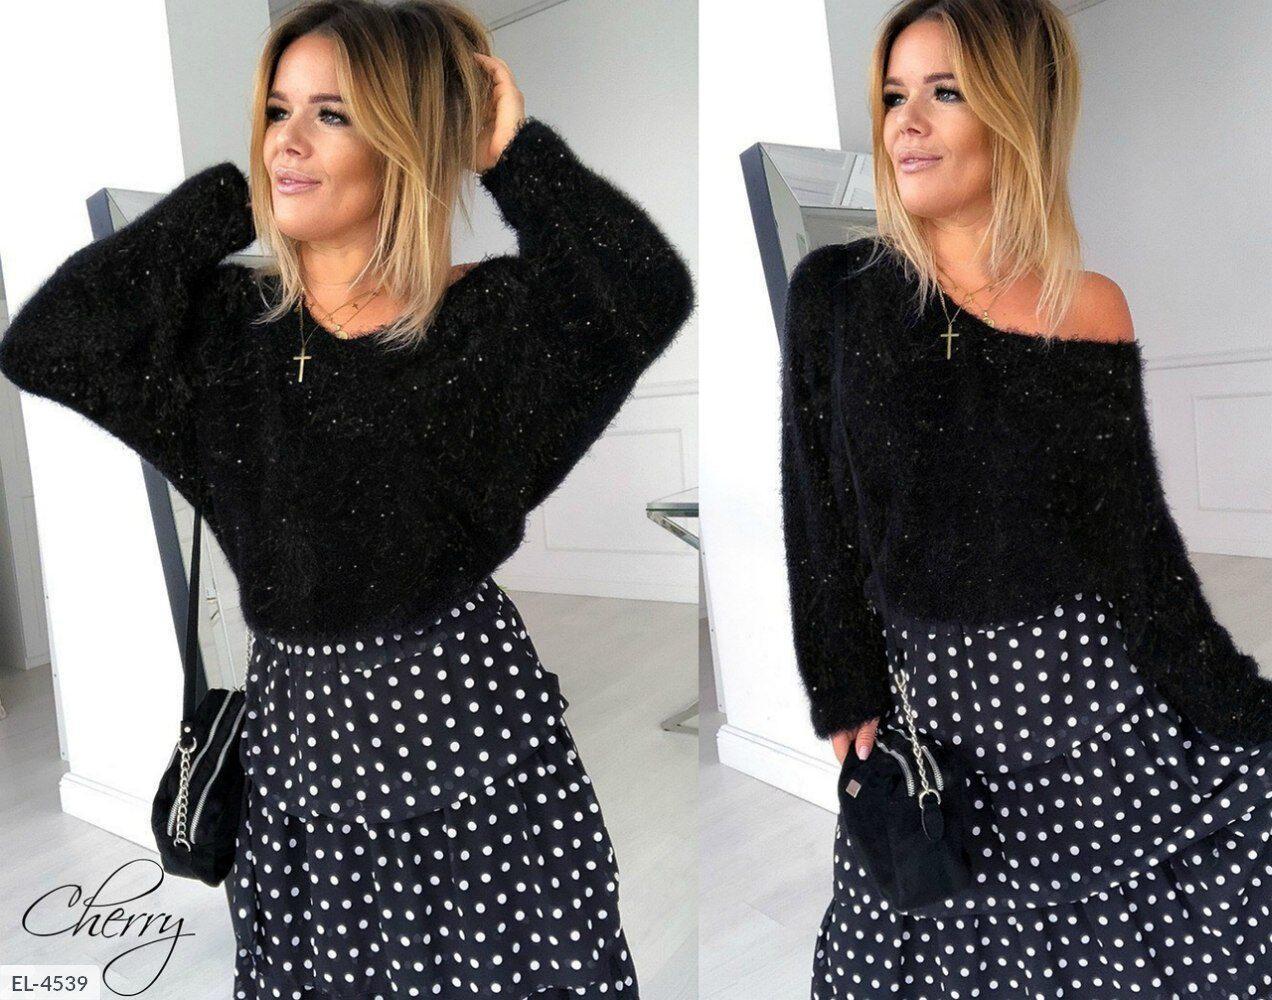 Женская стильная кофта, красиво переливается. Размер: 42-46. Ткань: травка. Цвет: черный.